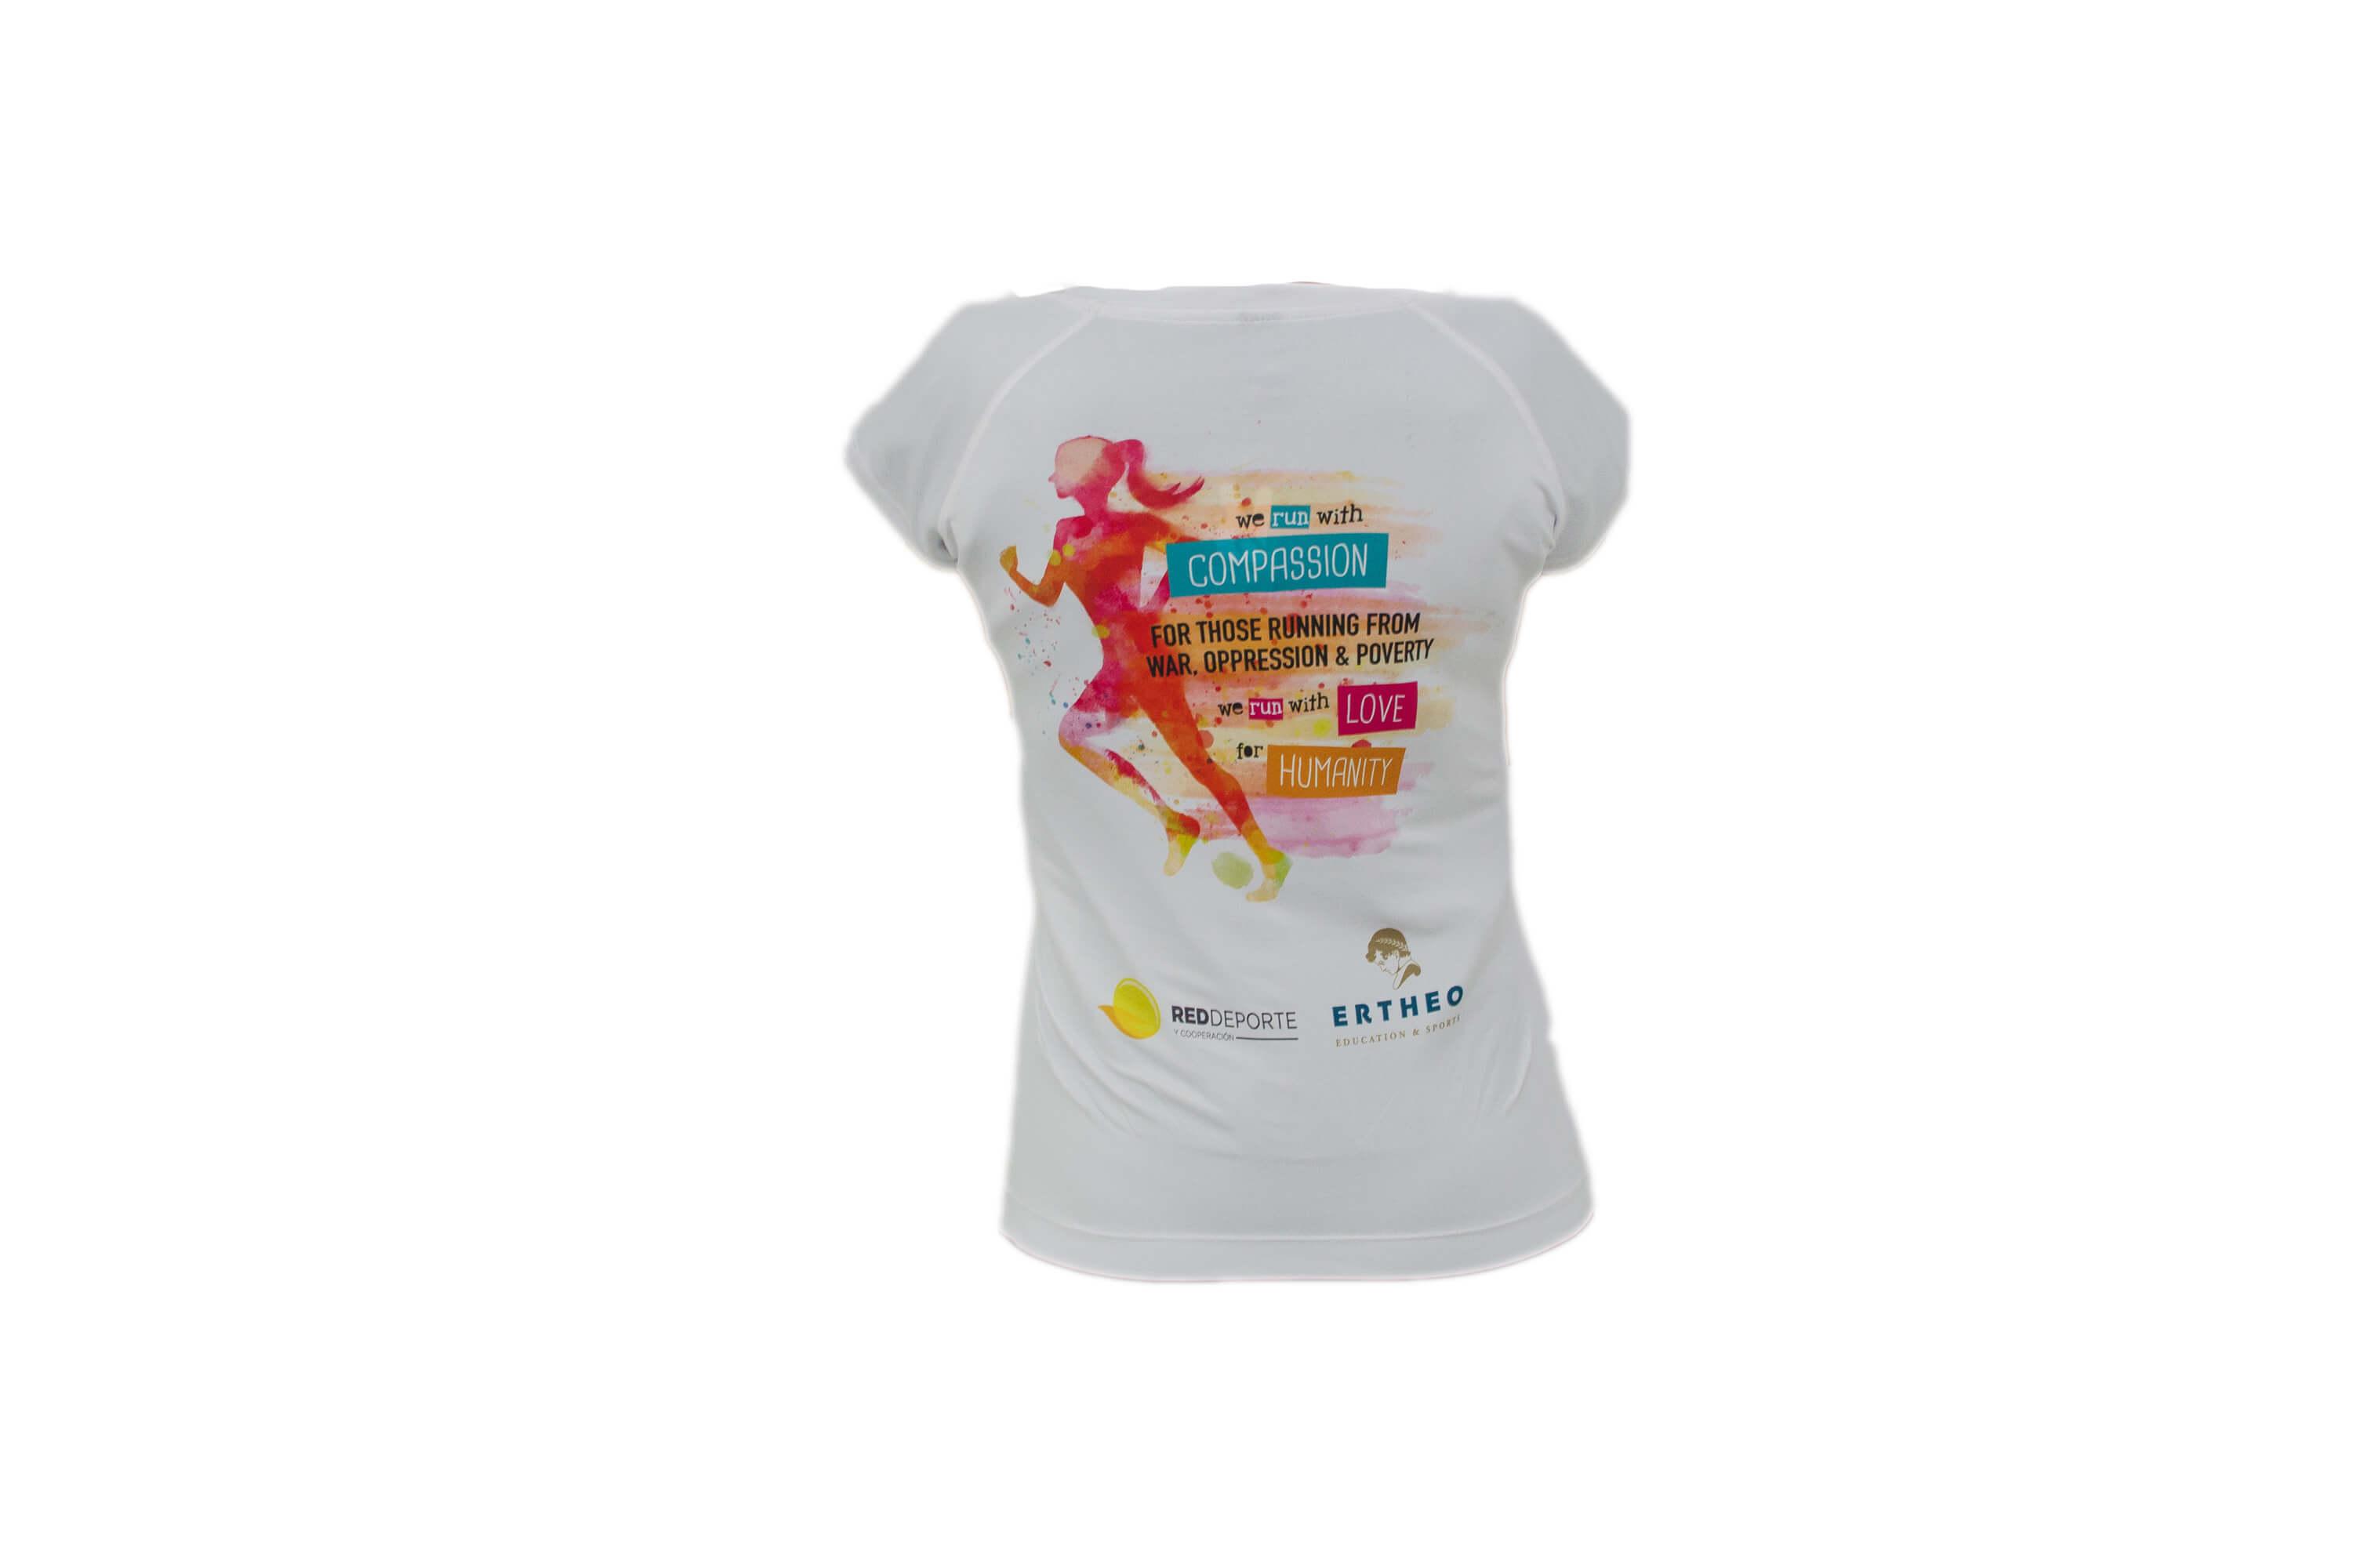 mujer2fondoblanco - 25 razones por las que comprar la camiseta para correr de Red Deporte